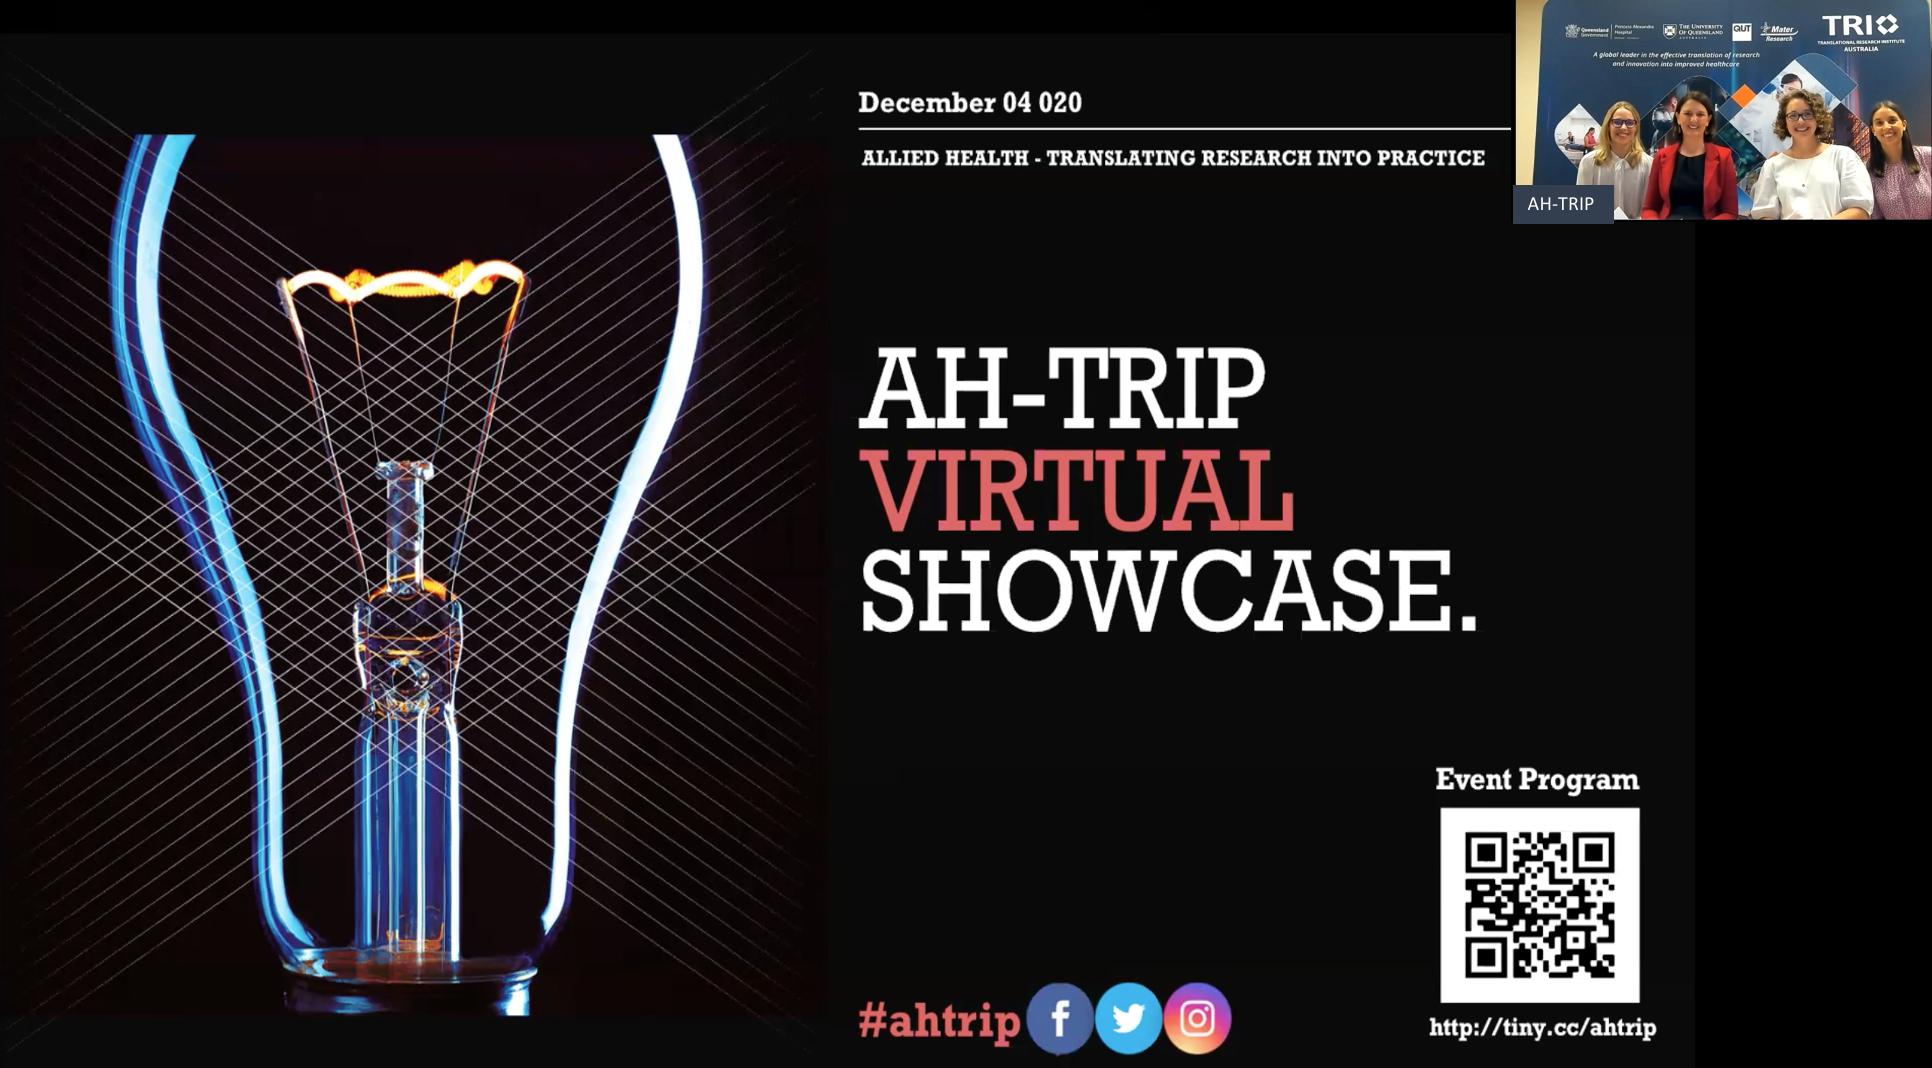 AH-TRIP Showcase Photographs - 2020